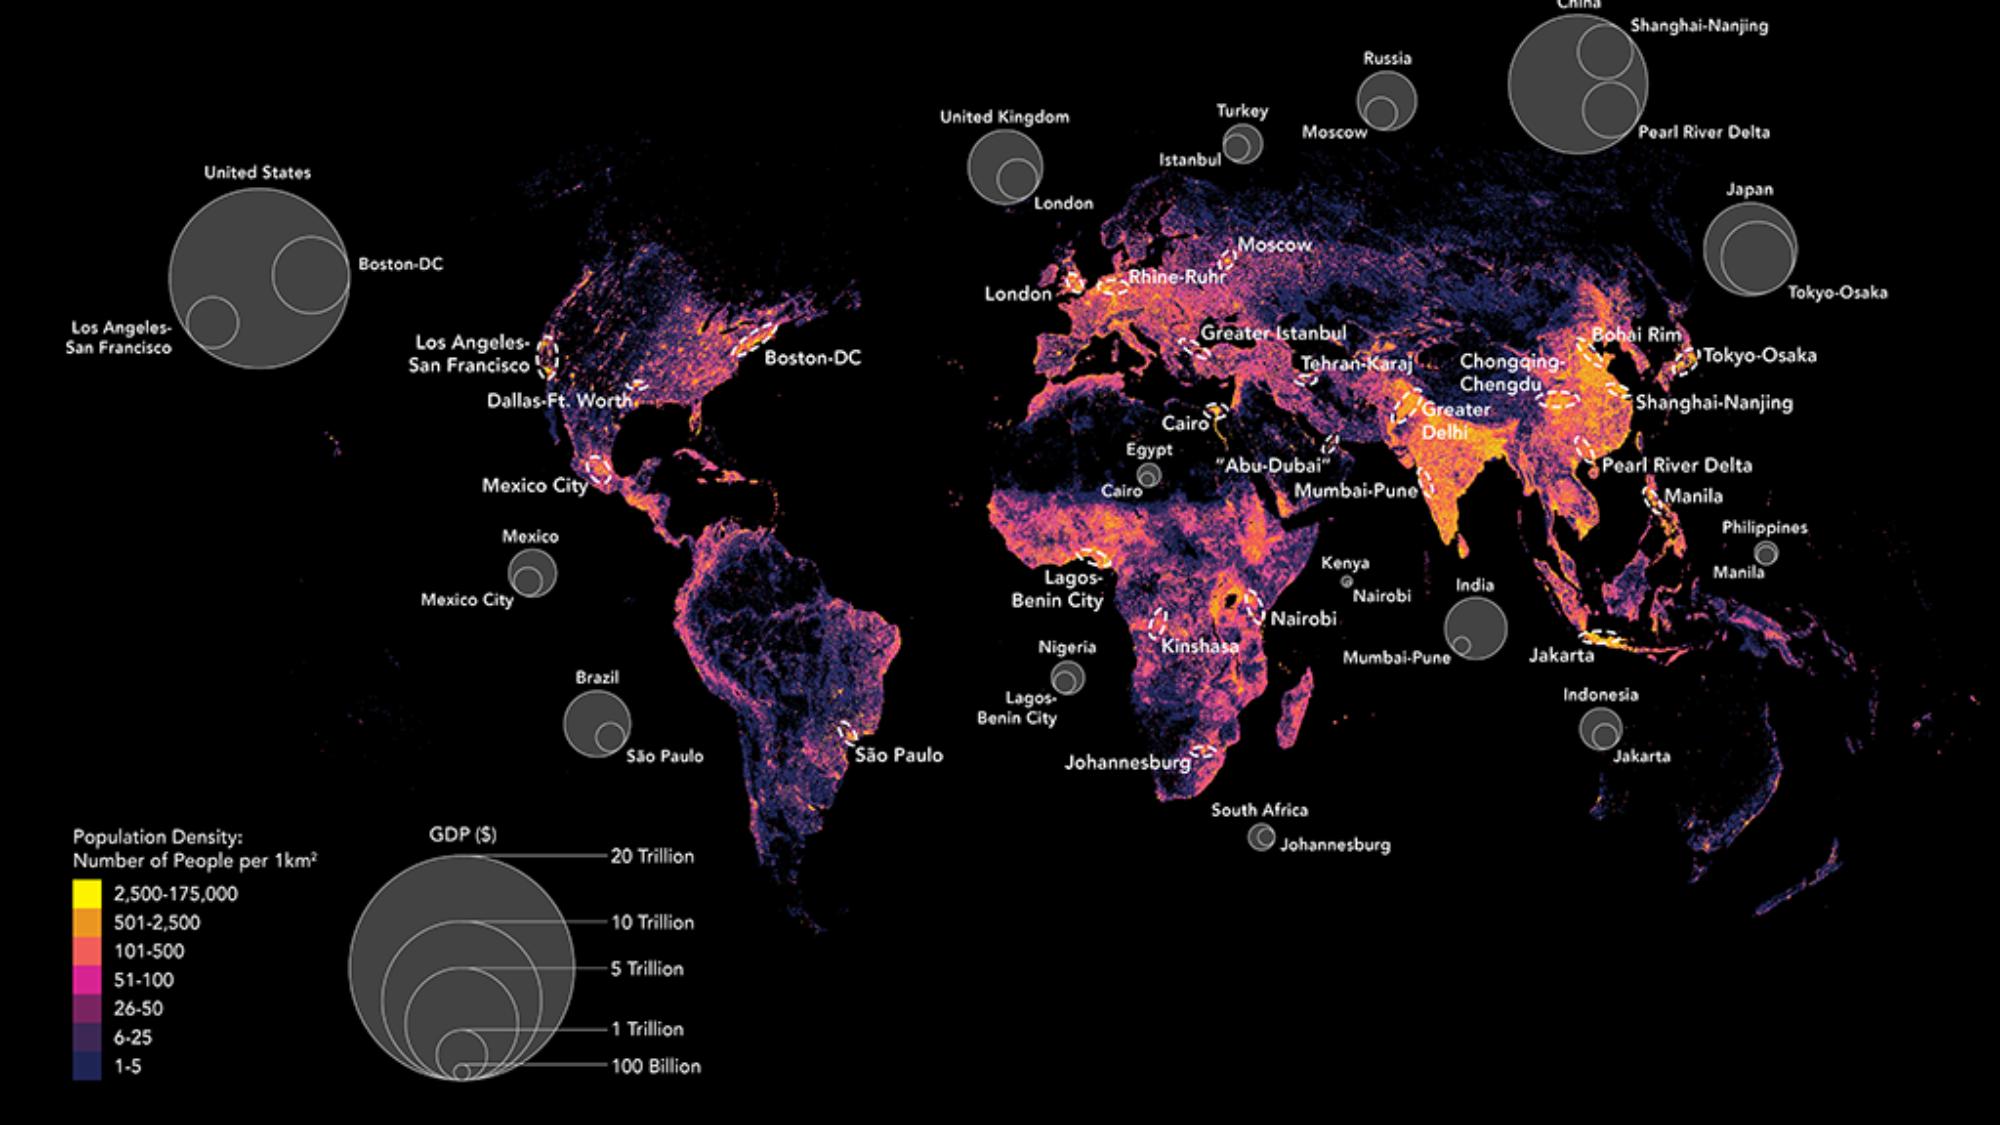 Map of Global Population Density